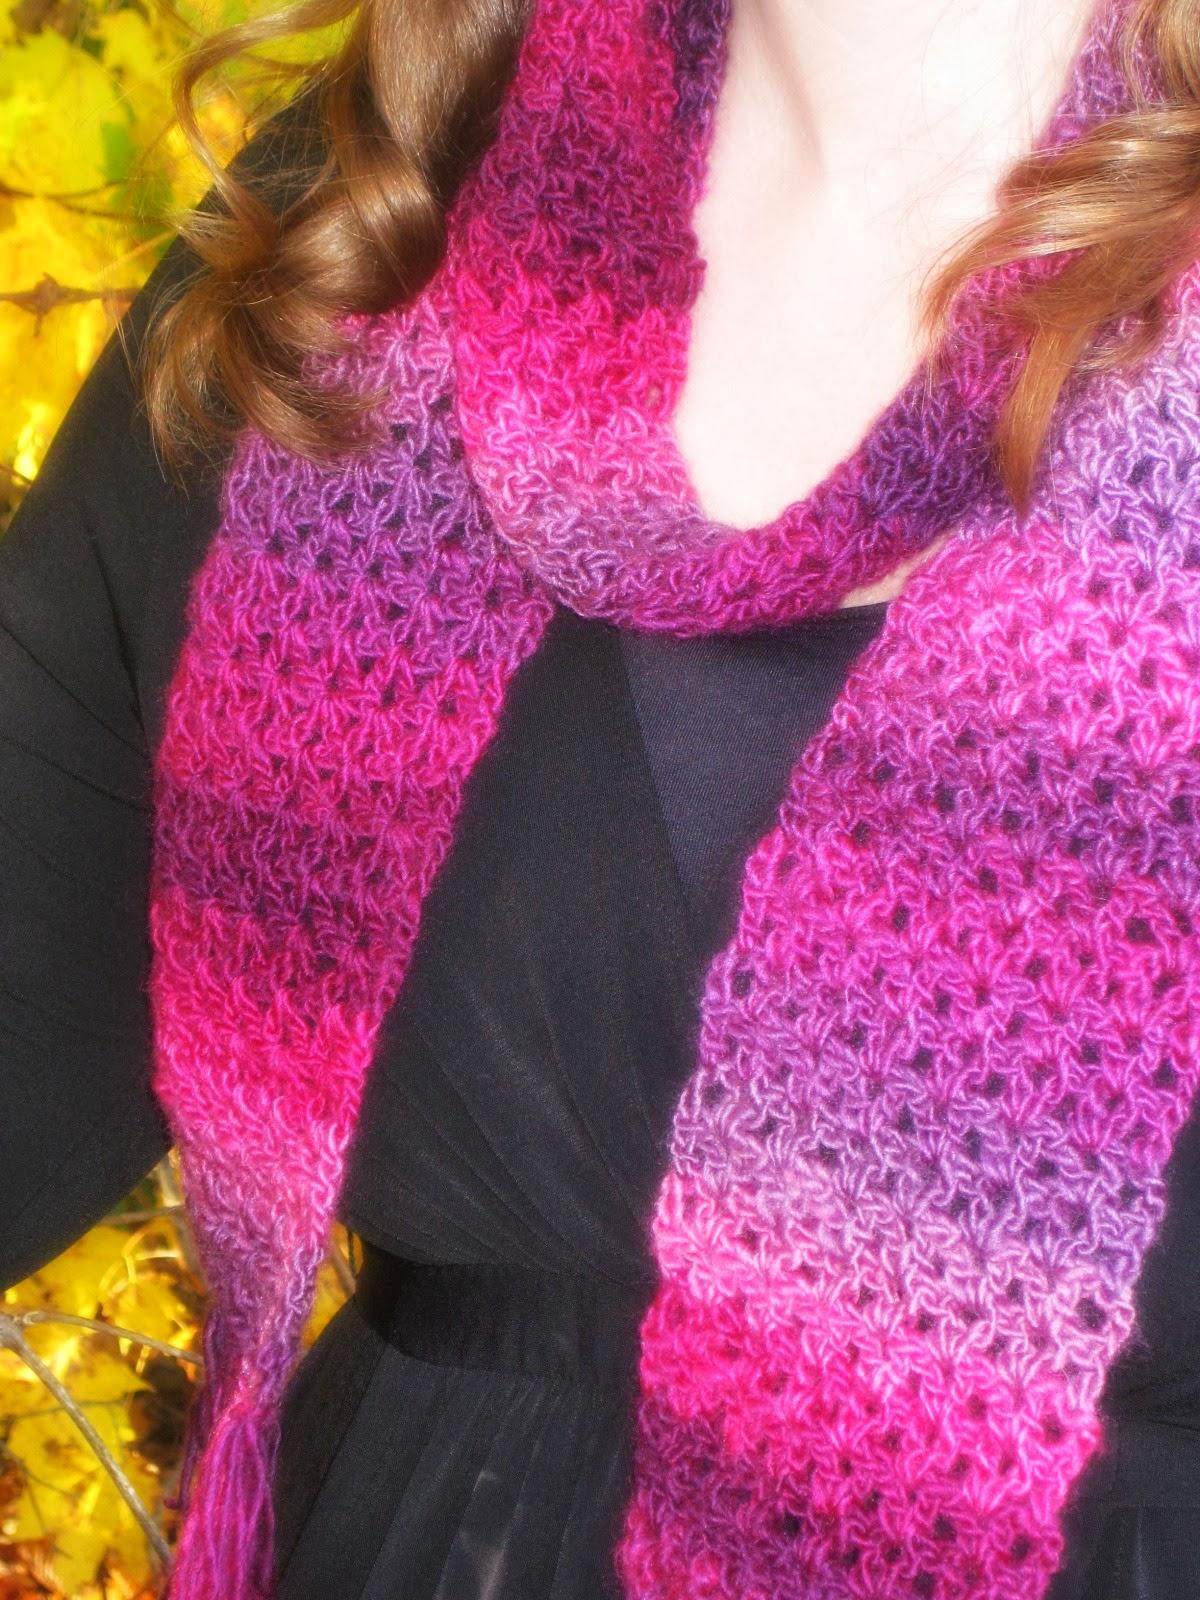 Unforgettable One-Skein Scarf - Free Crochet Pattern - Amanda Saladin